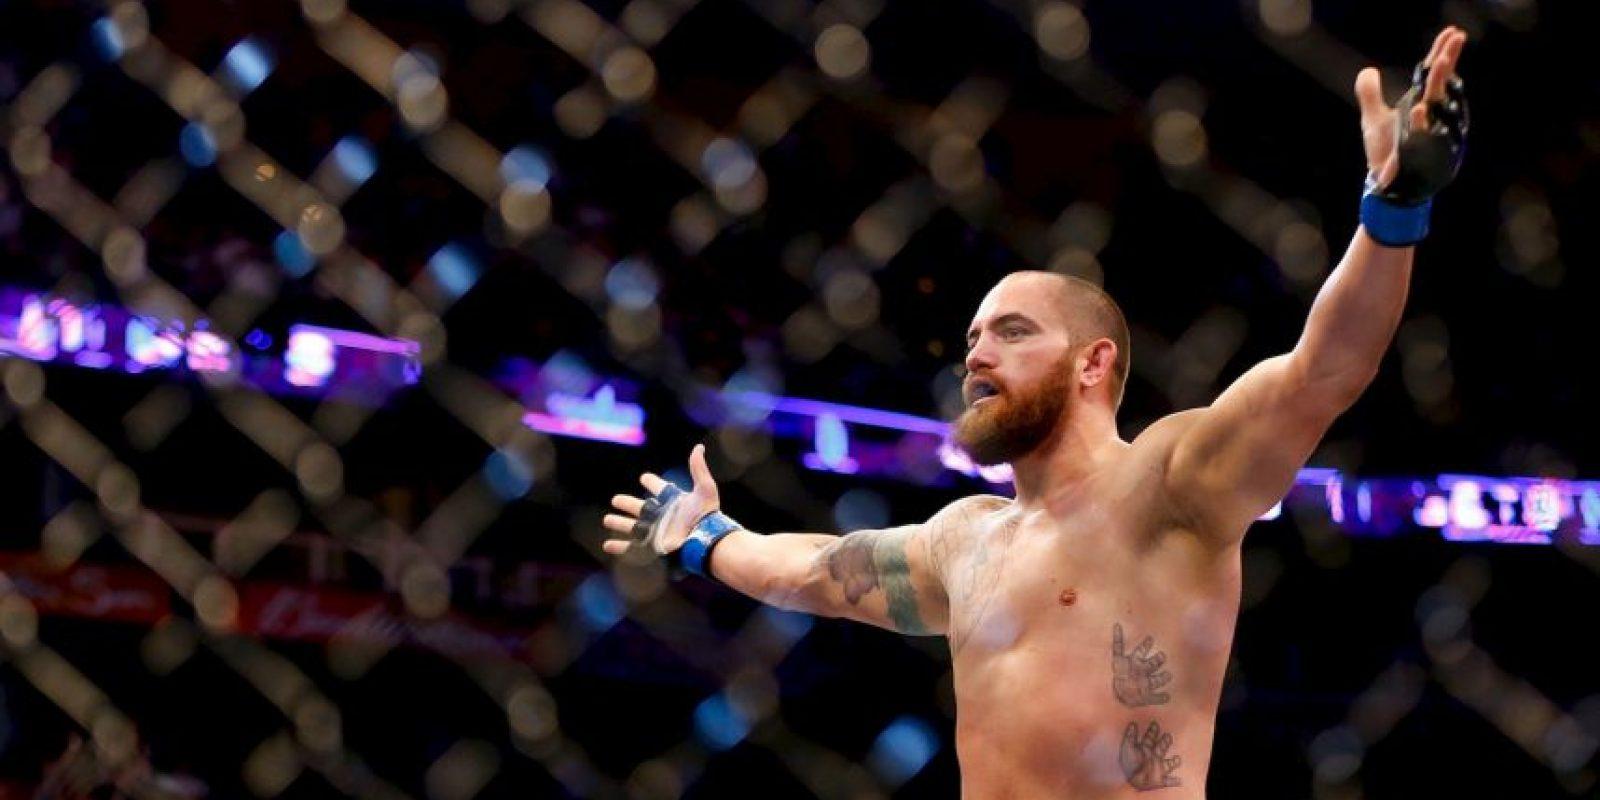 Se trata de Travis Browne, también peleador de artes marciales mixtas. Foto:Getty Images